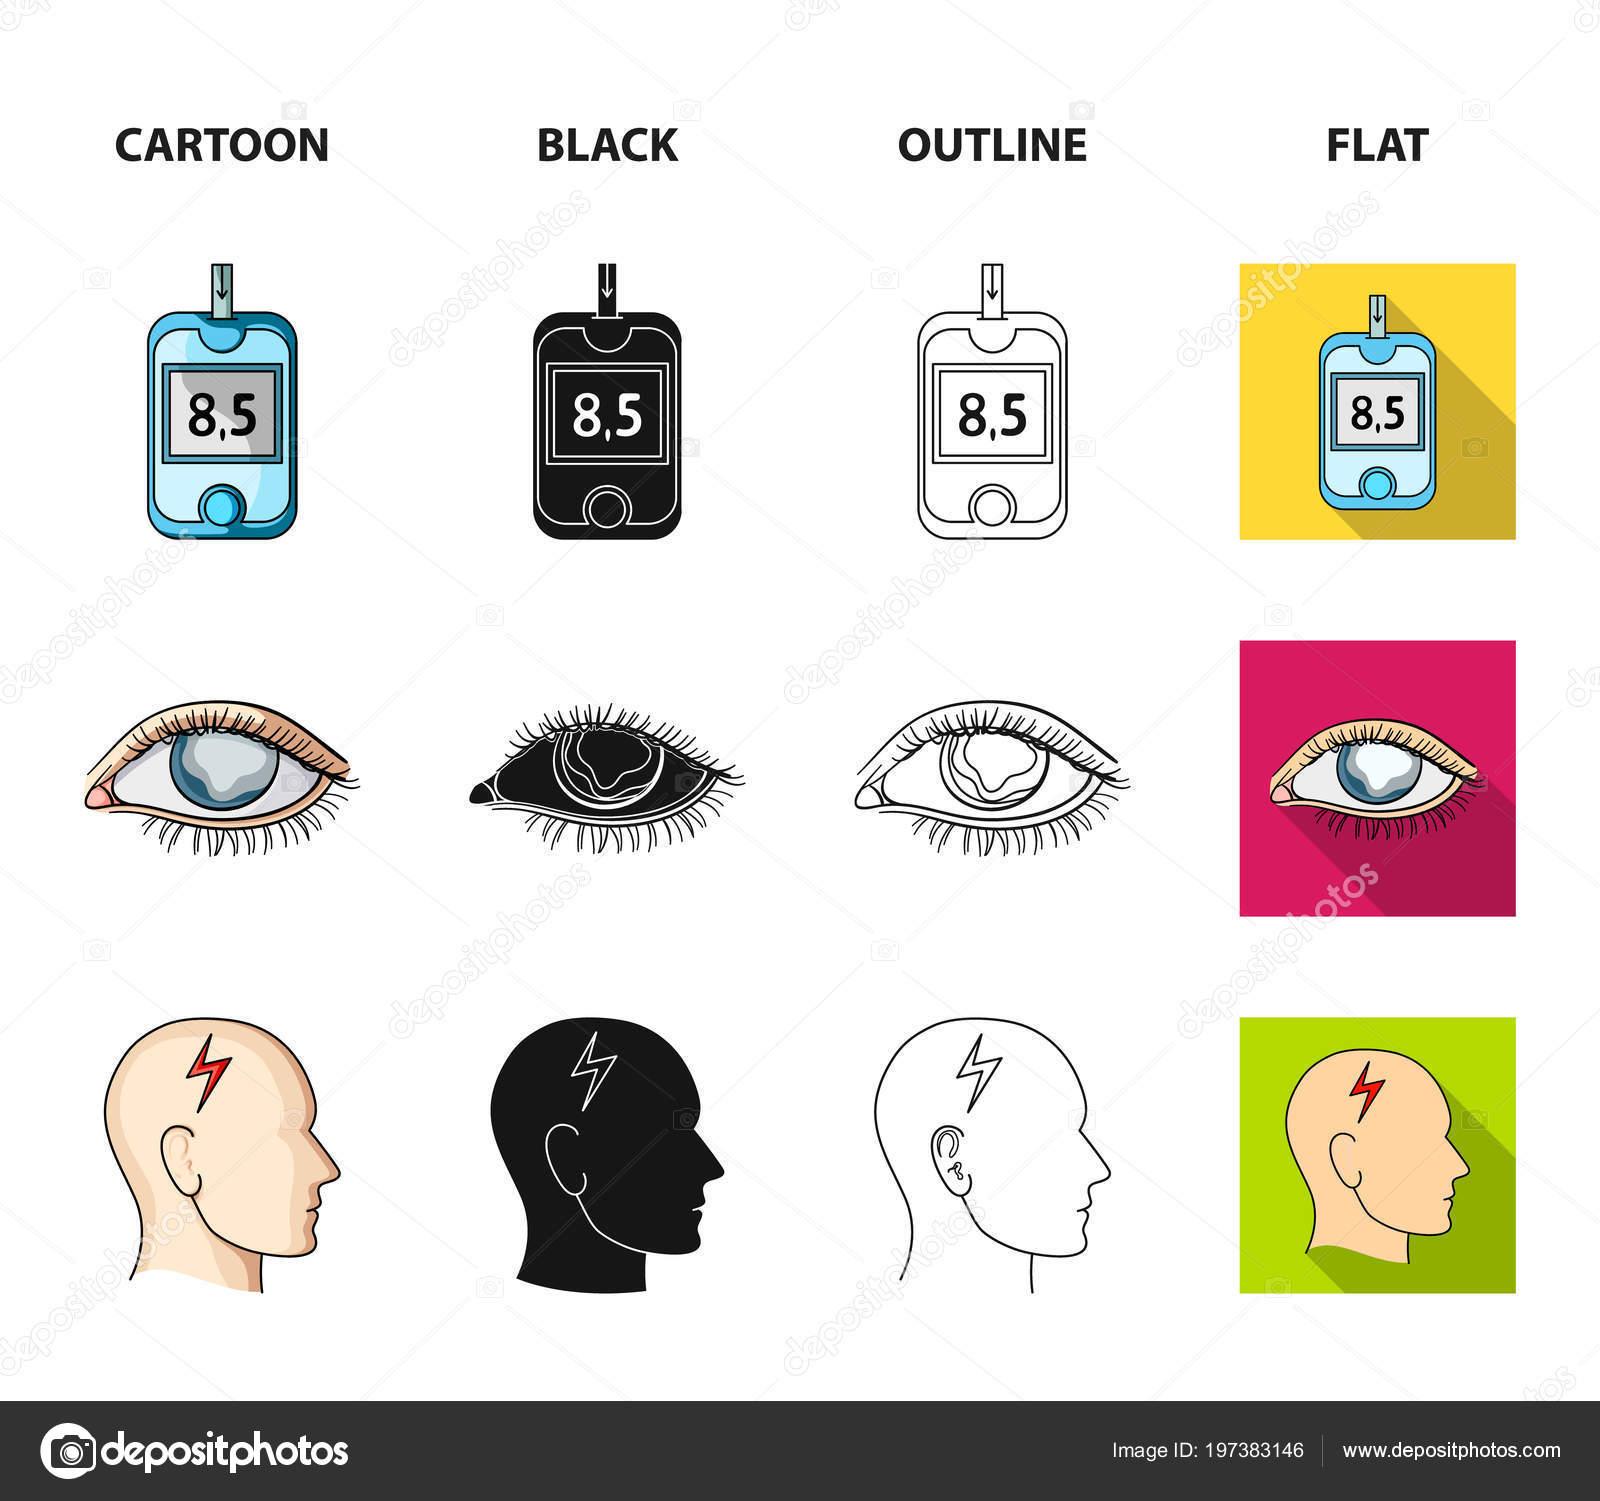 látás ikonok az életkorral összefüggő látás makula degenerációja